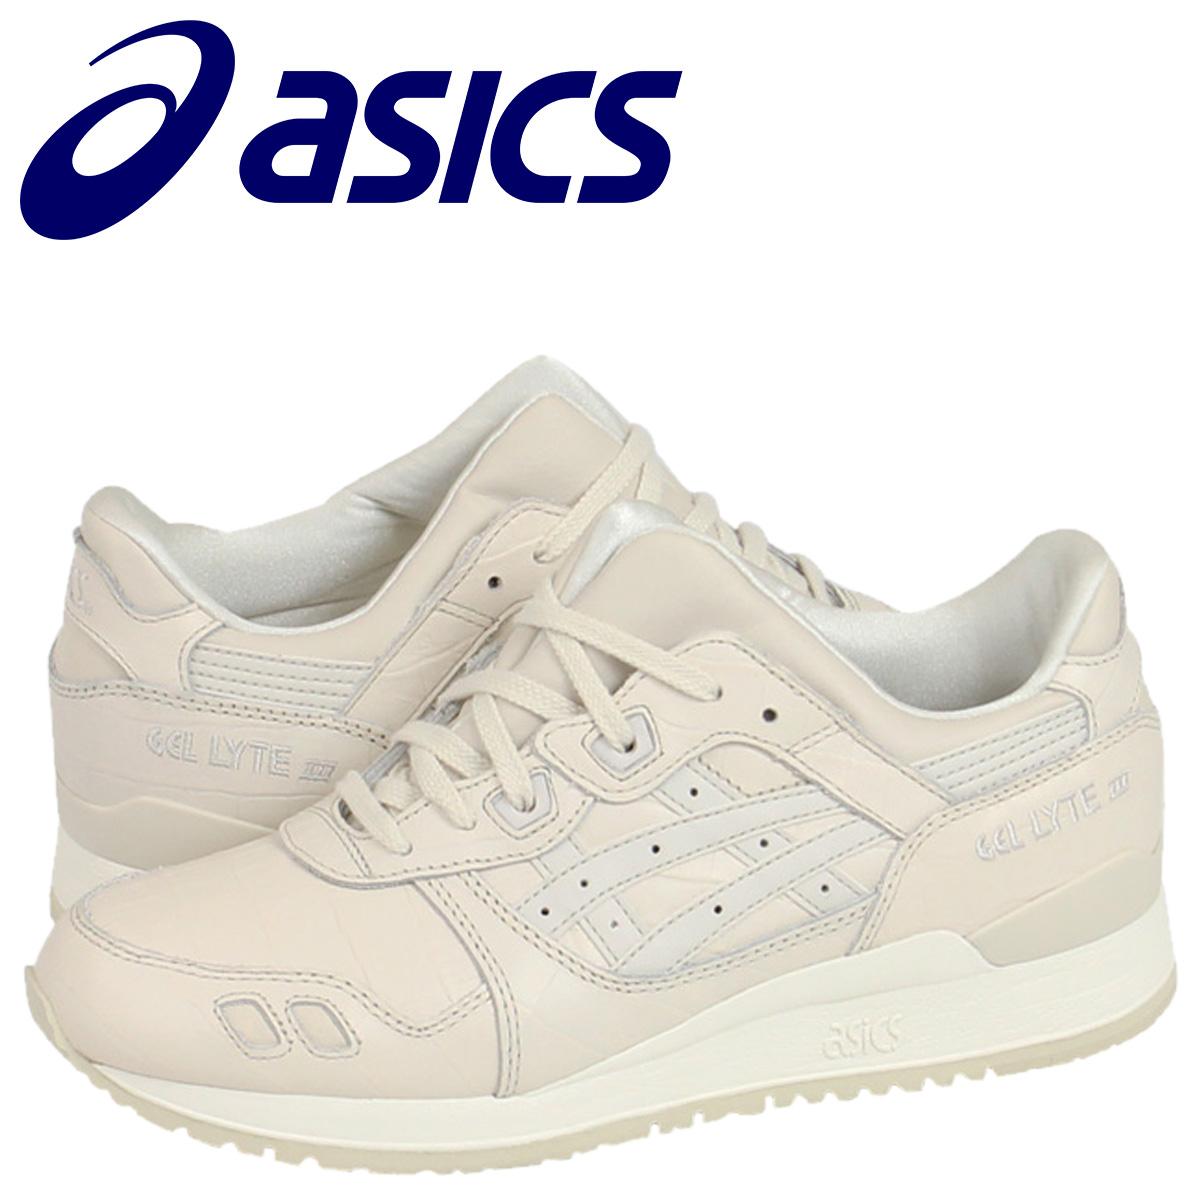 asics アシックス ゲルライト3 スニーカー GEL-LYTE 3 TQ5N2L-0202 メンズ レディース 靴 ホワイト 白